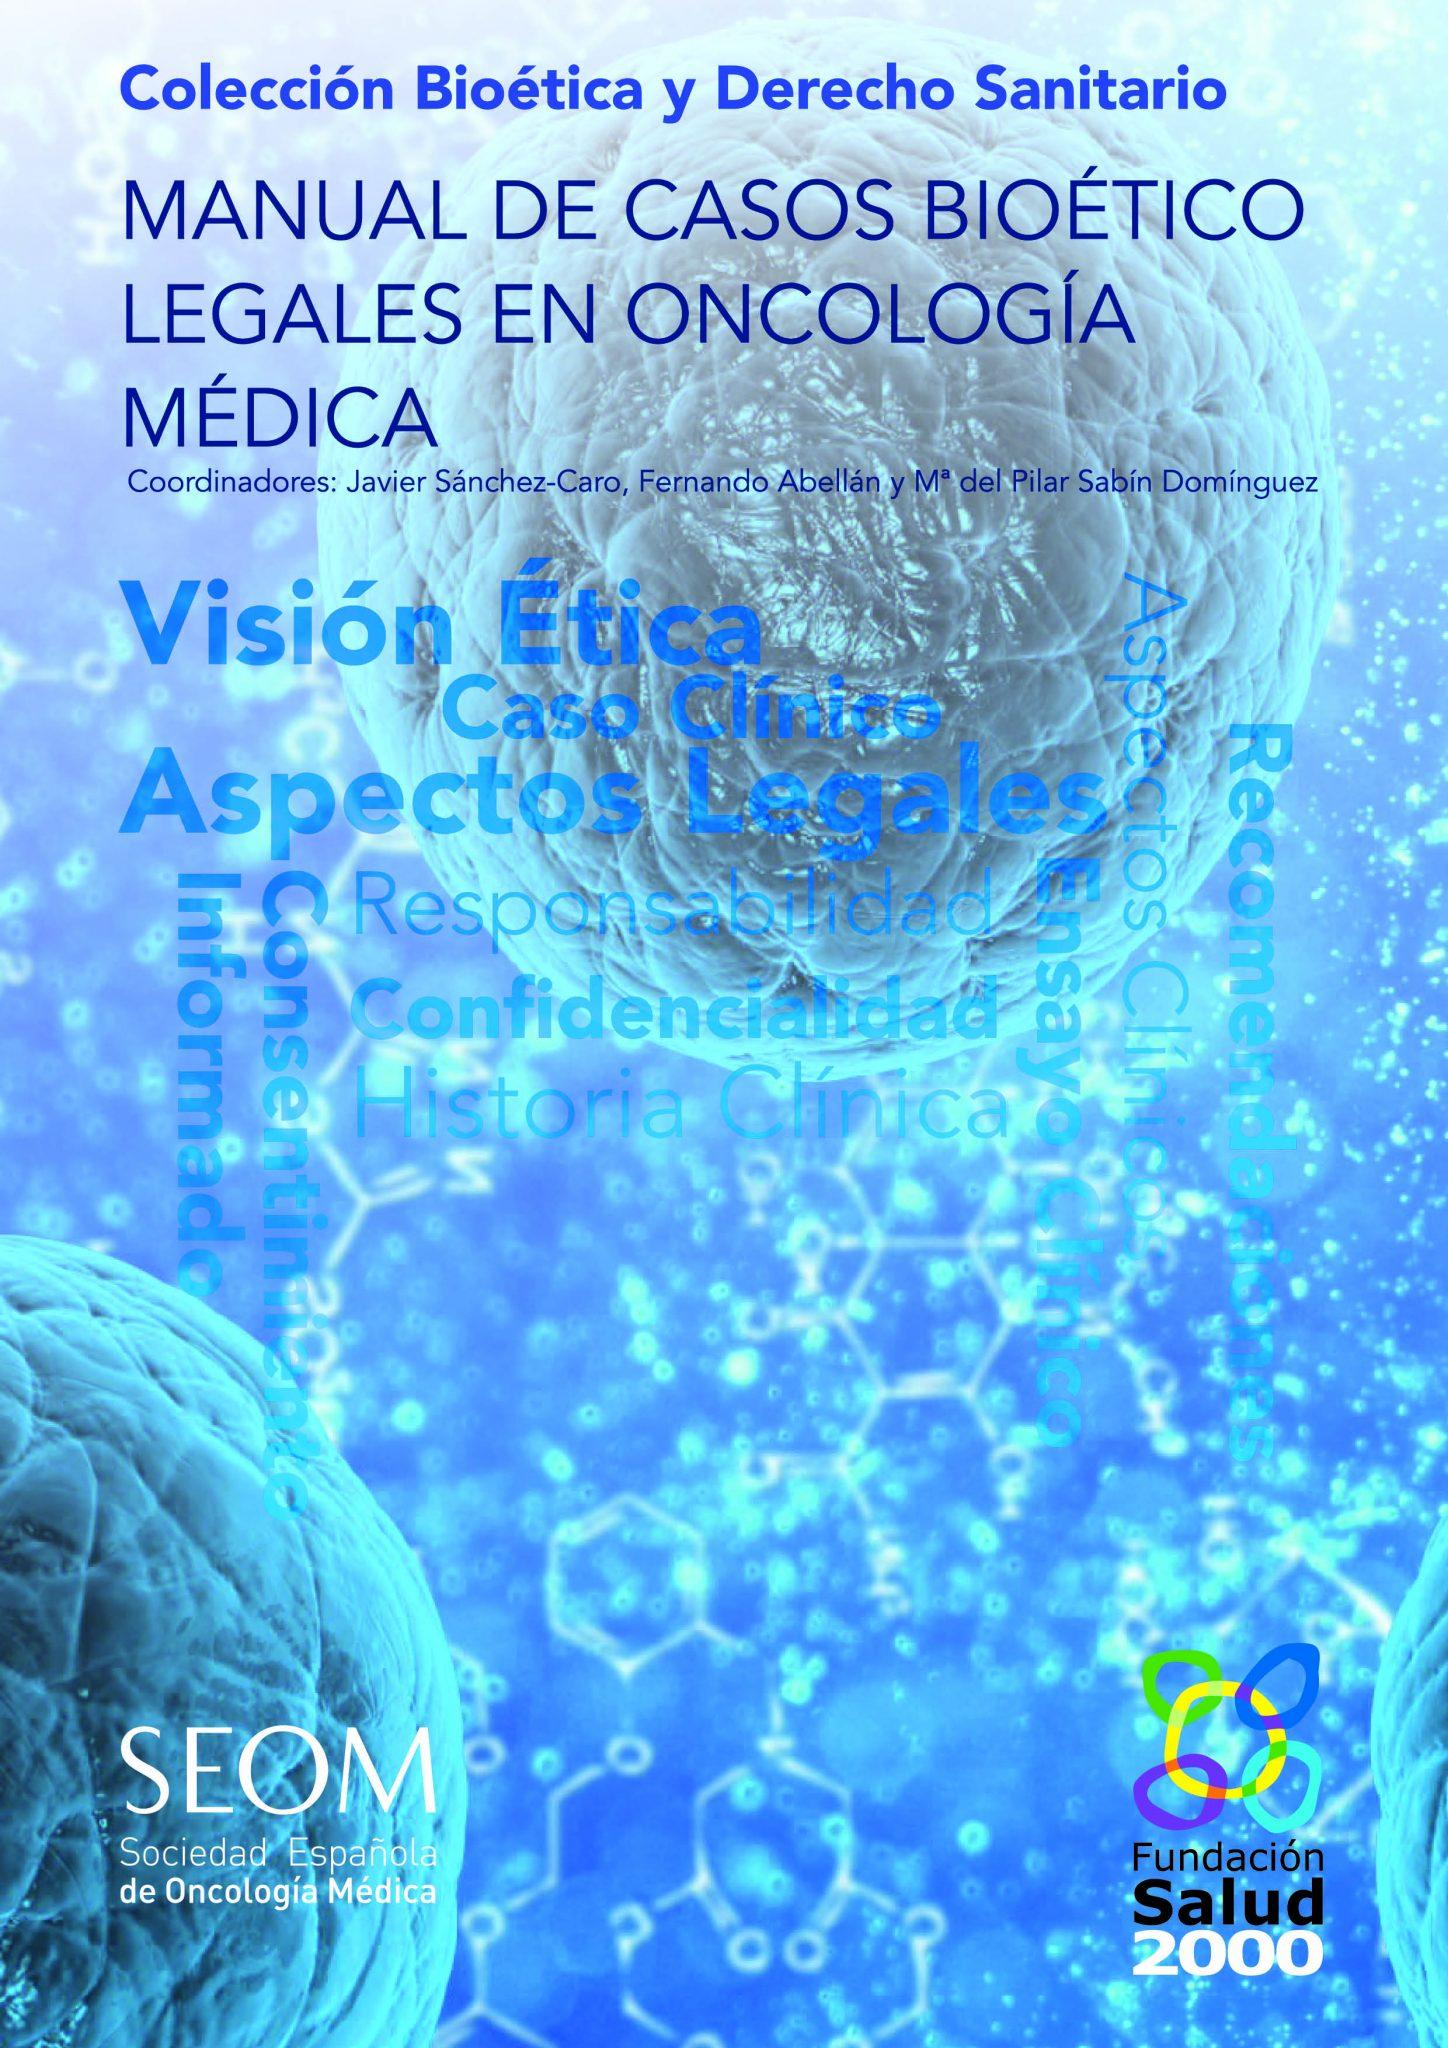 Manual de Casos Bioético Legales en Oncología Médica